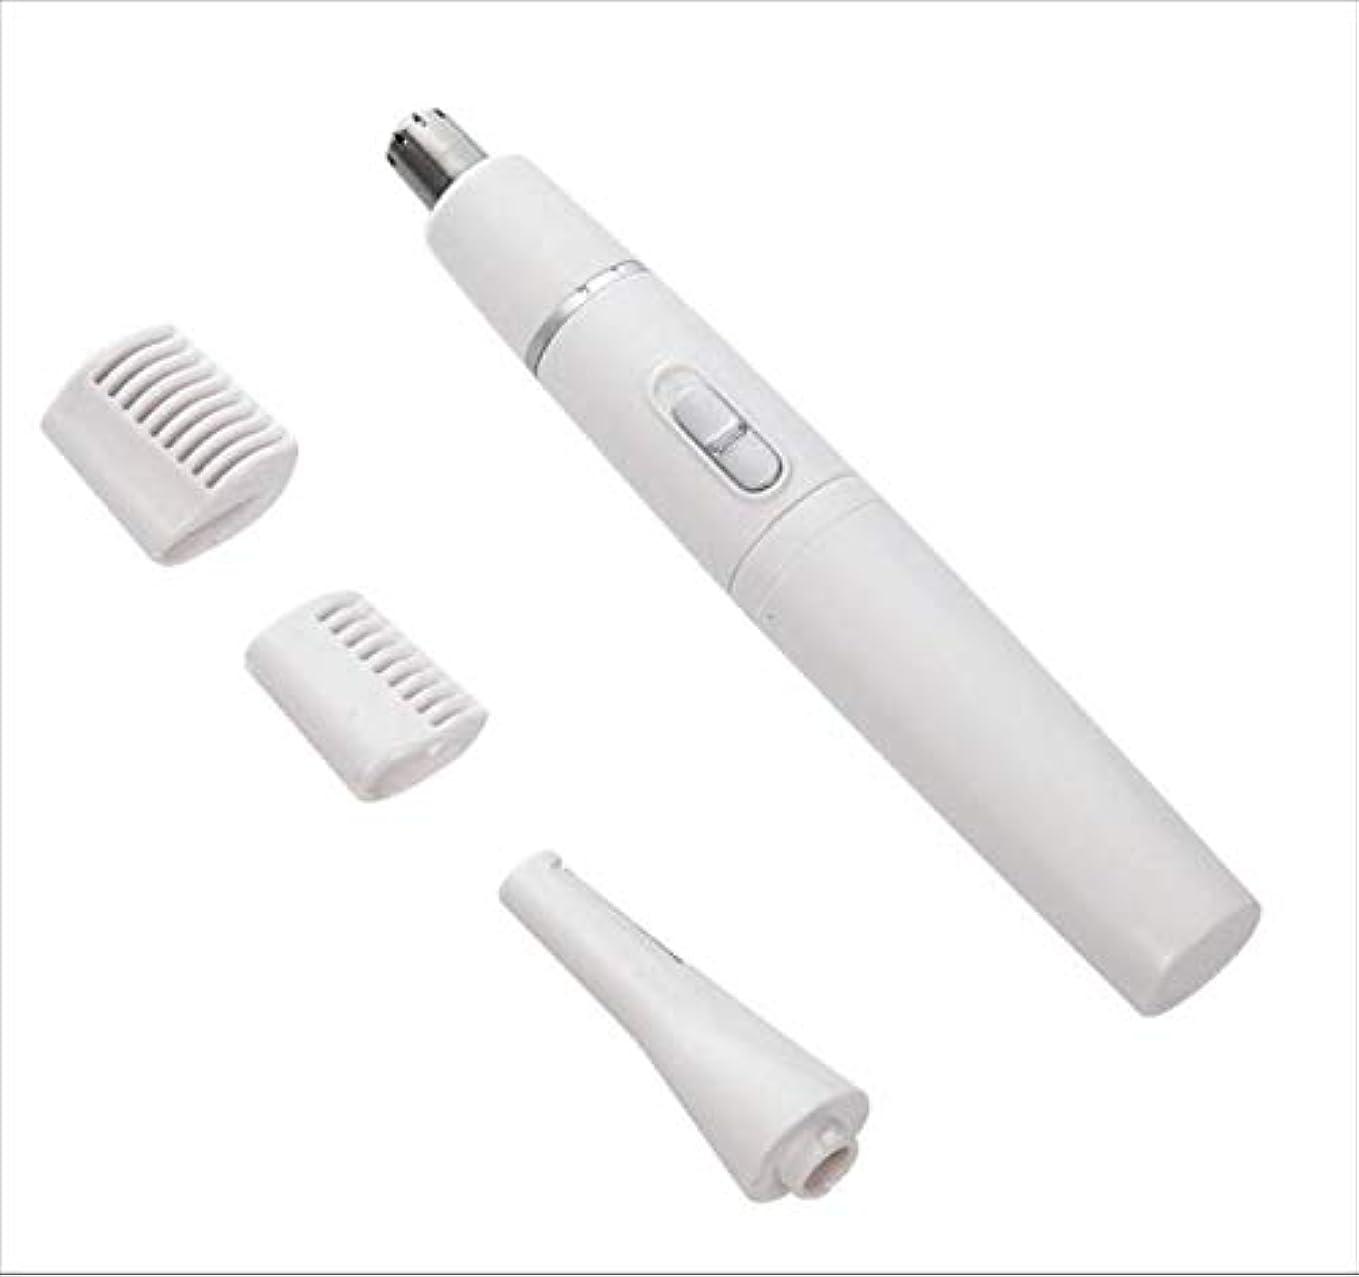 馬力思春期の先史時代の鼻毛デバイス、シェービングデバイス、2の1つ、シェービングノーズナイフ、シェービングナイフ、眉シェーピングナイフ、電気眉シェーピングデバイス